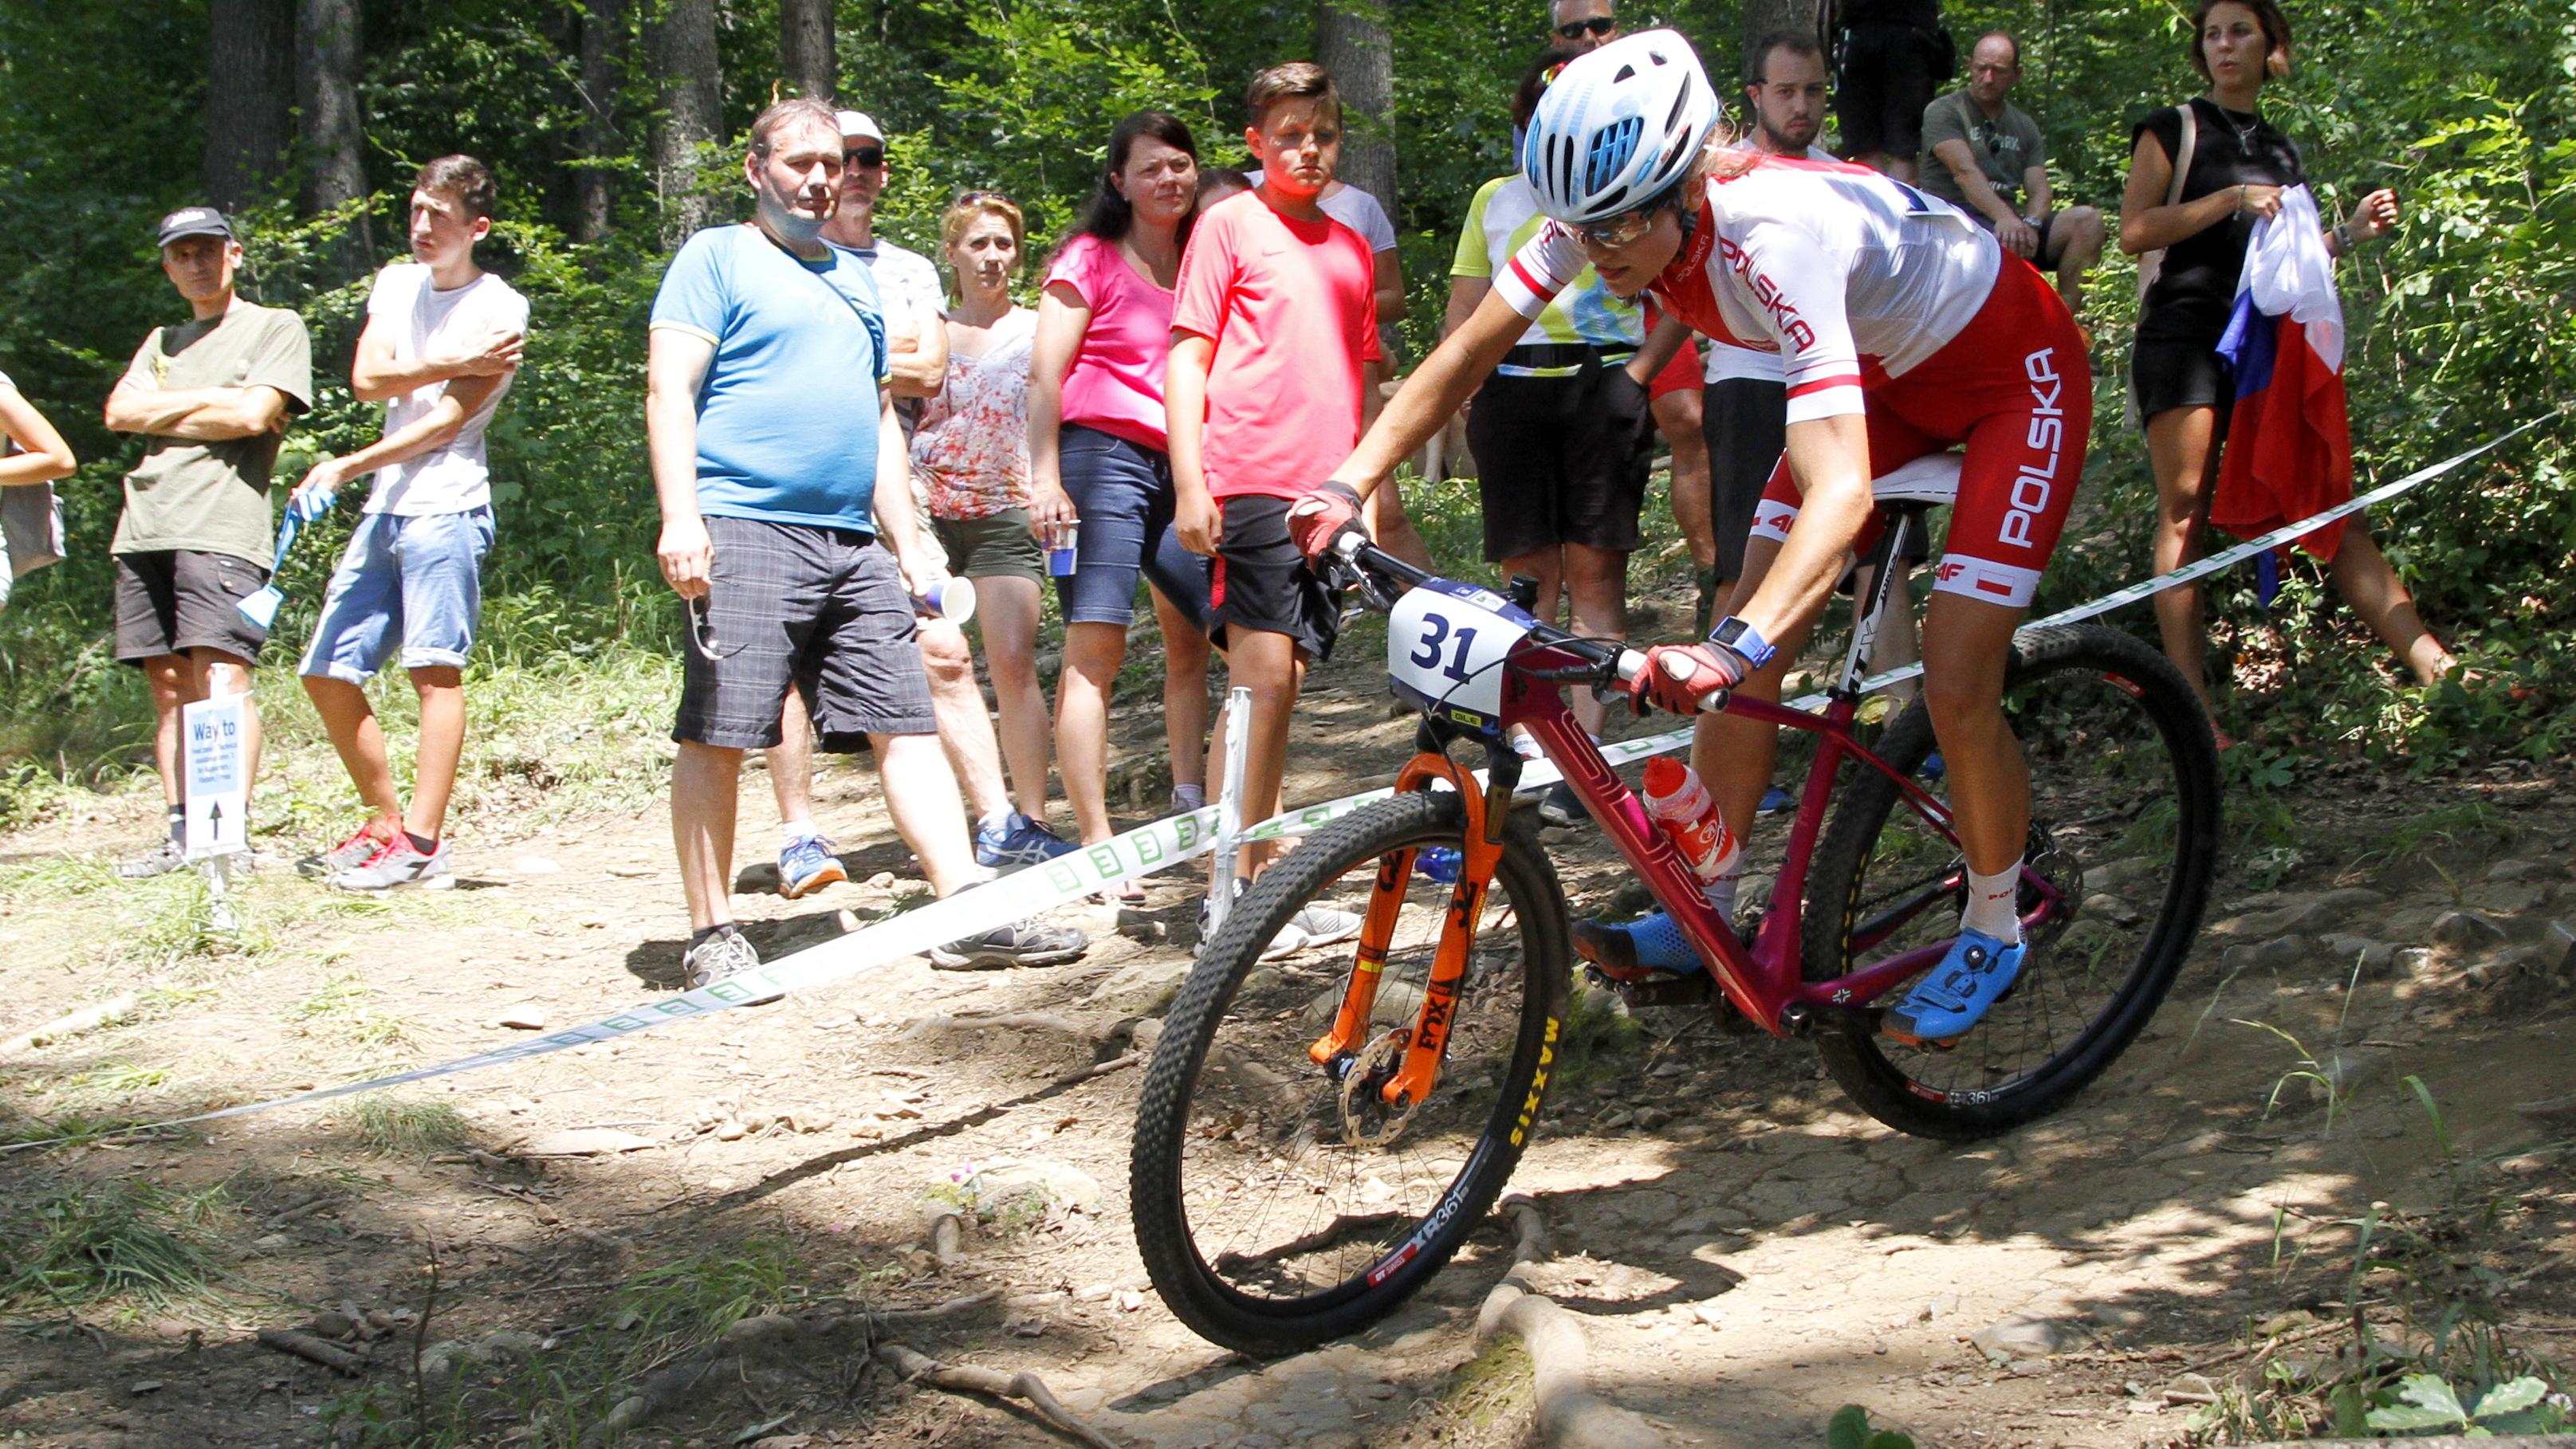 Gabriela Wojtyła zajęła 18. miejsce w wyścigu o młodzieżowe mistrzostwo Europy w kolarstwie górskim. Fot. Sebastian Żabiński/www.zator.pl